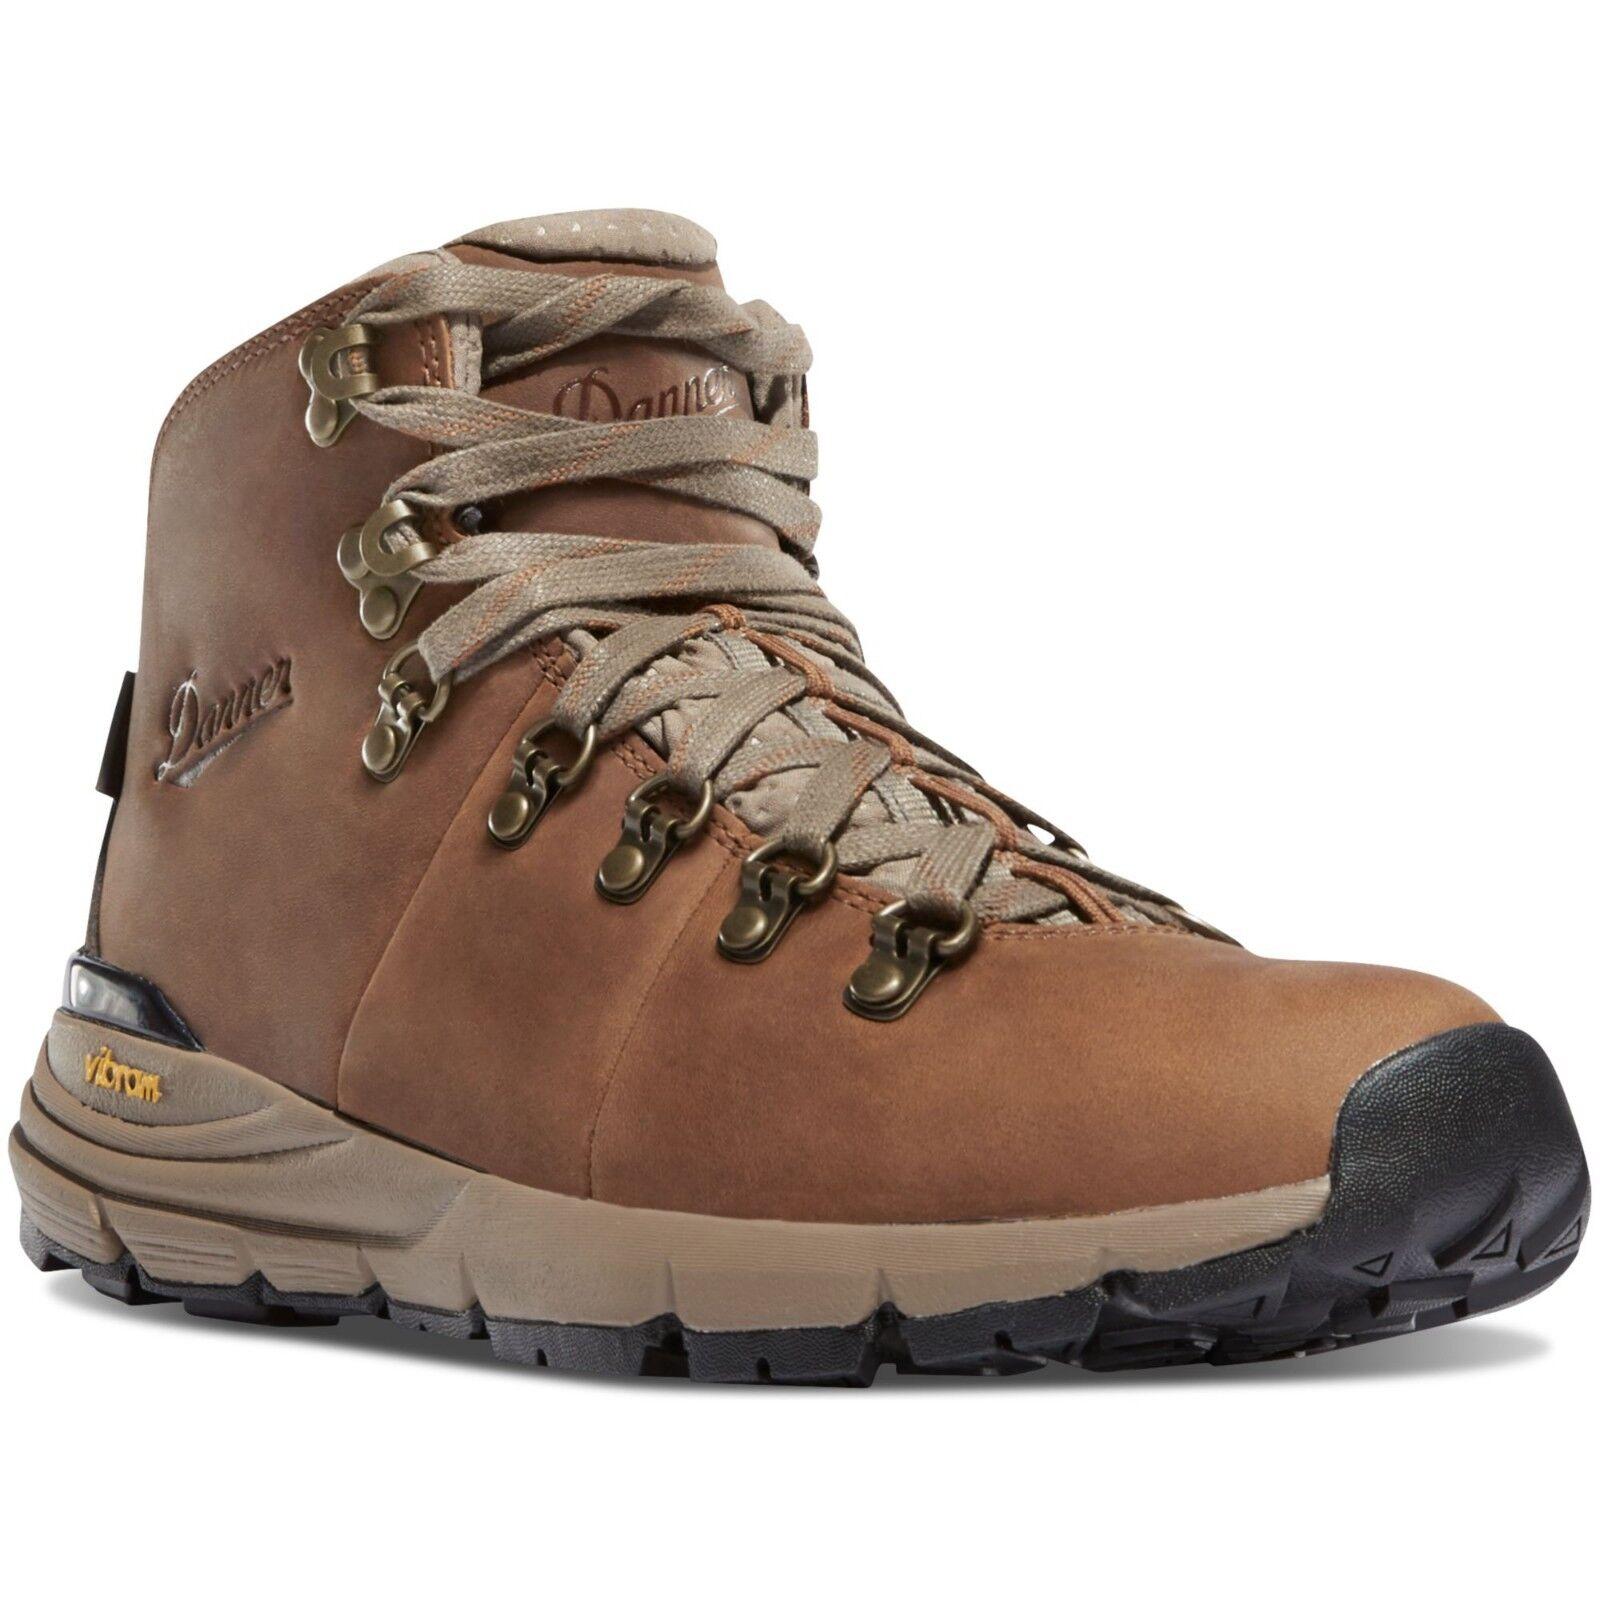 Danner Danner Danner 600 De Montaña Para Mujer 62251 4.5  Cuero Impermeable botas Senderismo Rico Marrón  Precio al por mayor y calidad confiable.